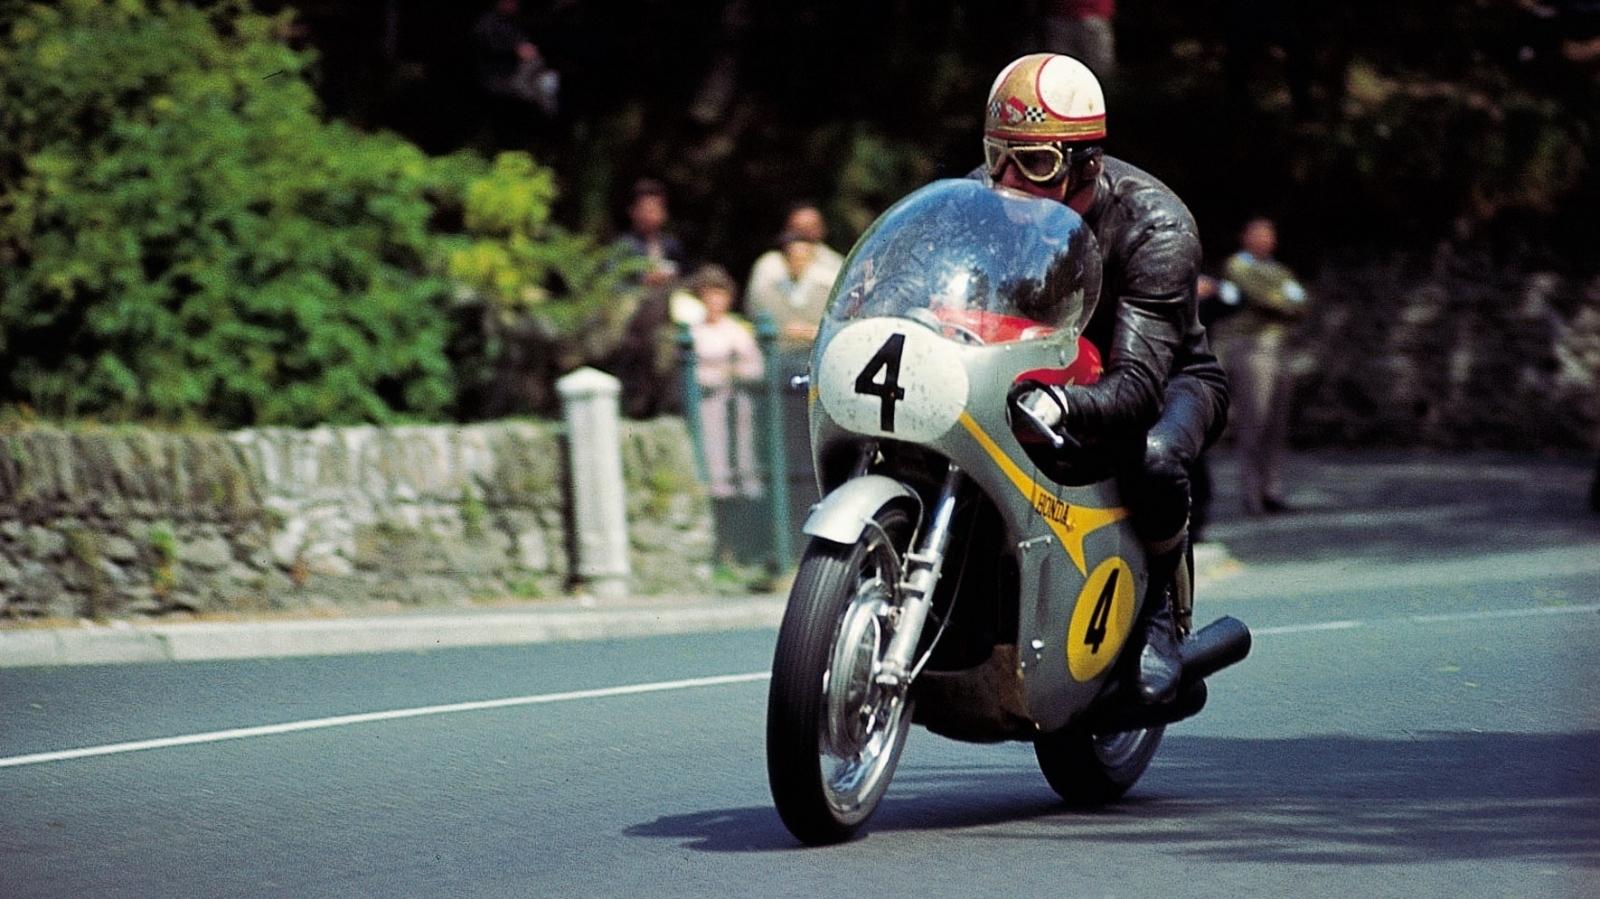 Honda en 500cc y MotoGP (1): Honda RC181, victorias y roturas (1966-1967)